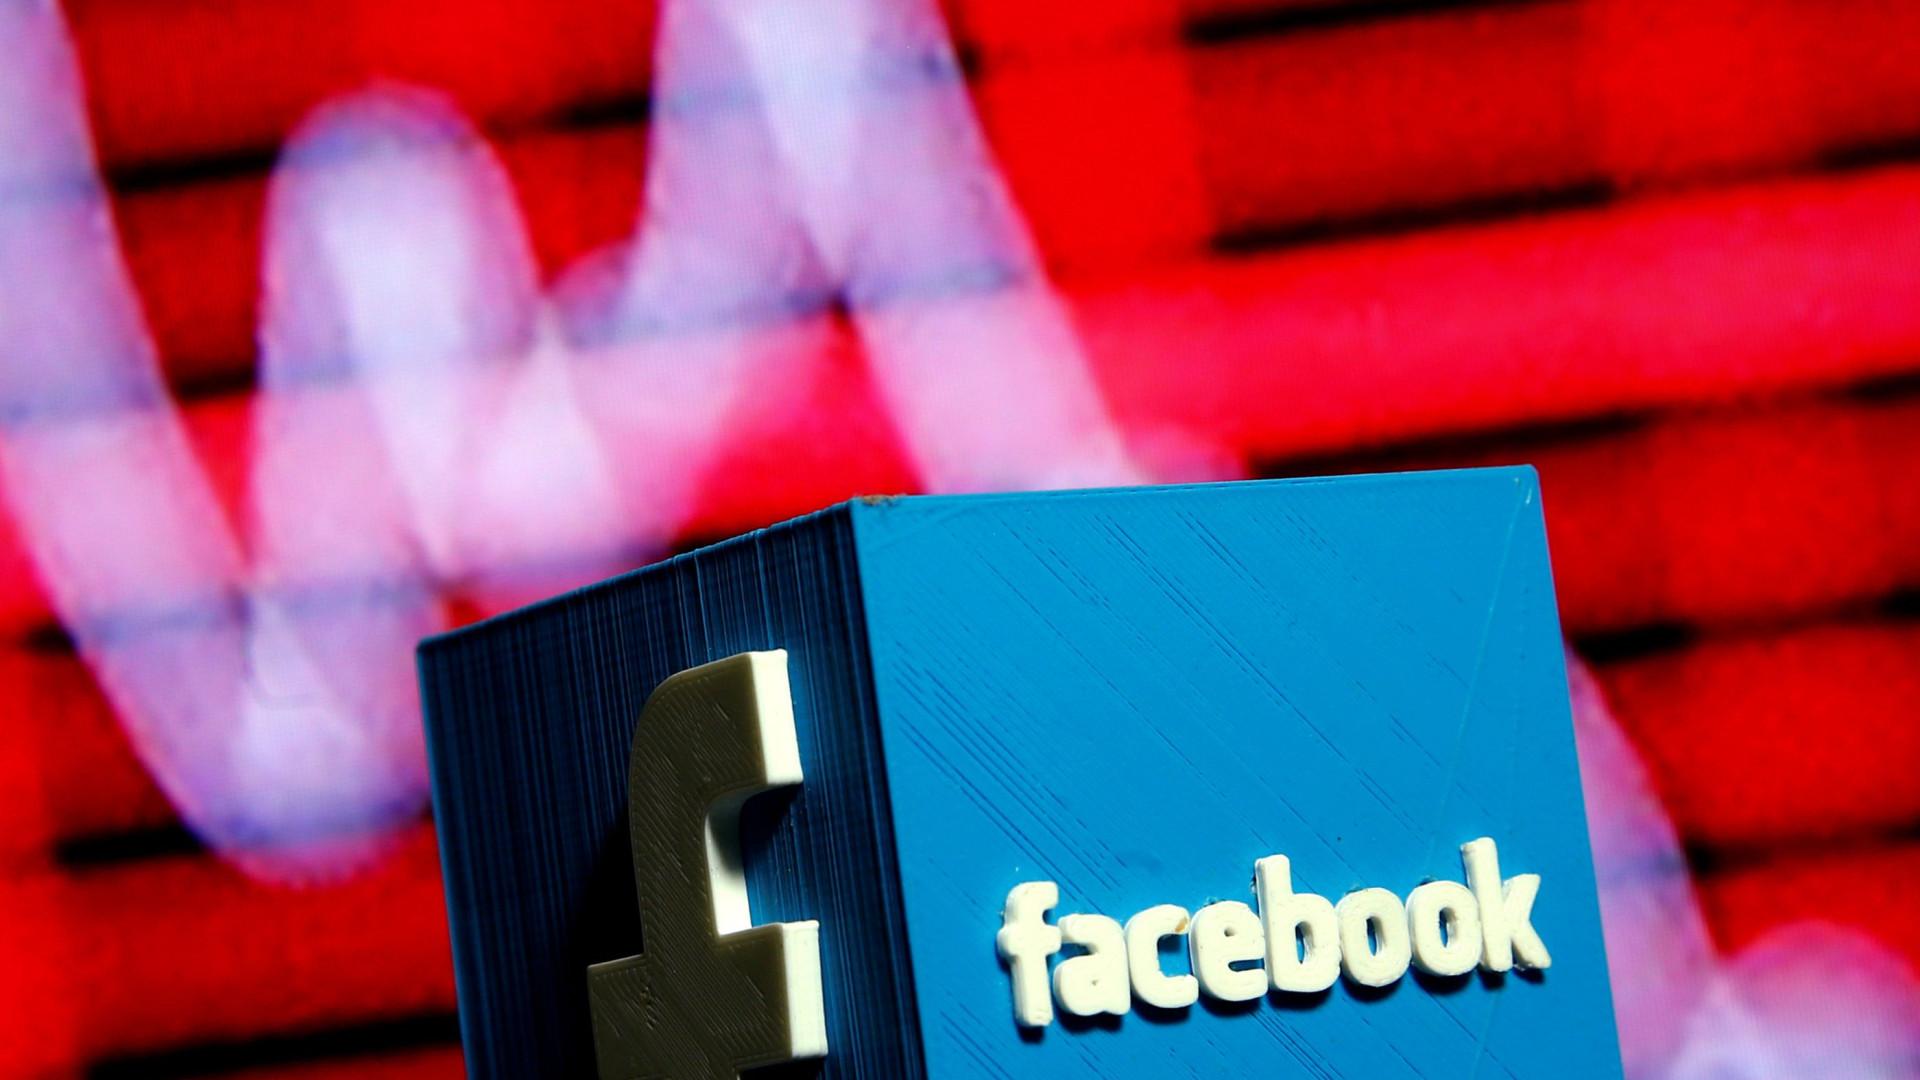 """Discurso de ódio no Facebook? """"Precisamos de mais envolvimento humano"""""""